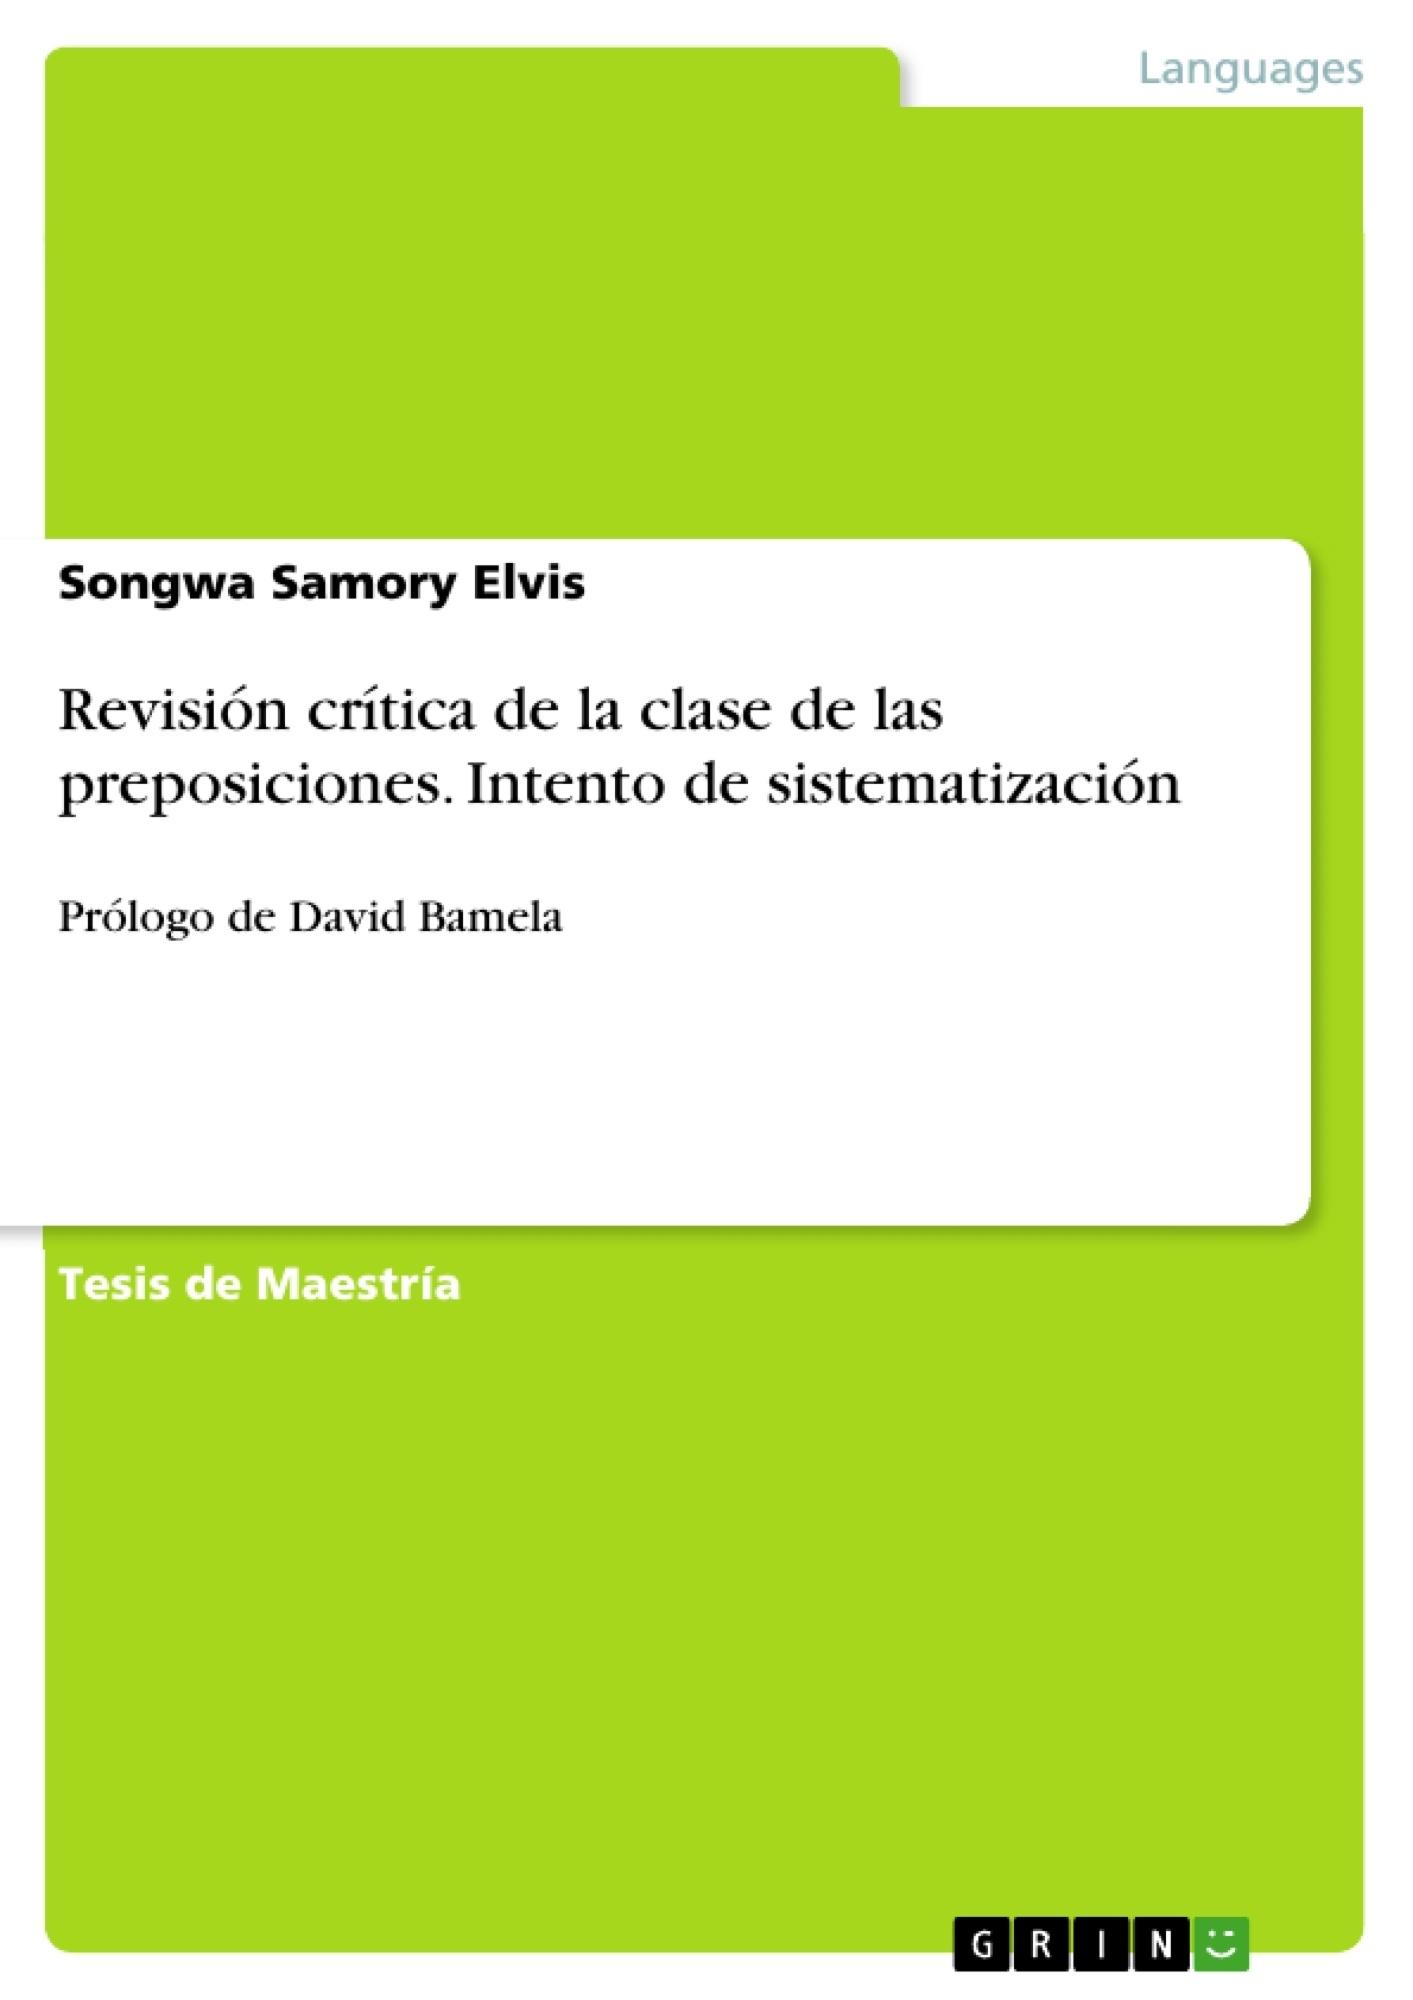 Título: Revisión crítica de la clase de las preposiciones. Intento de sistematización